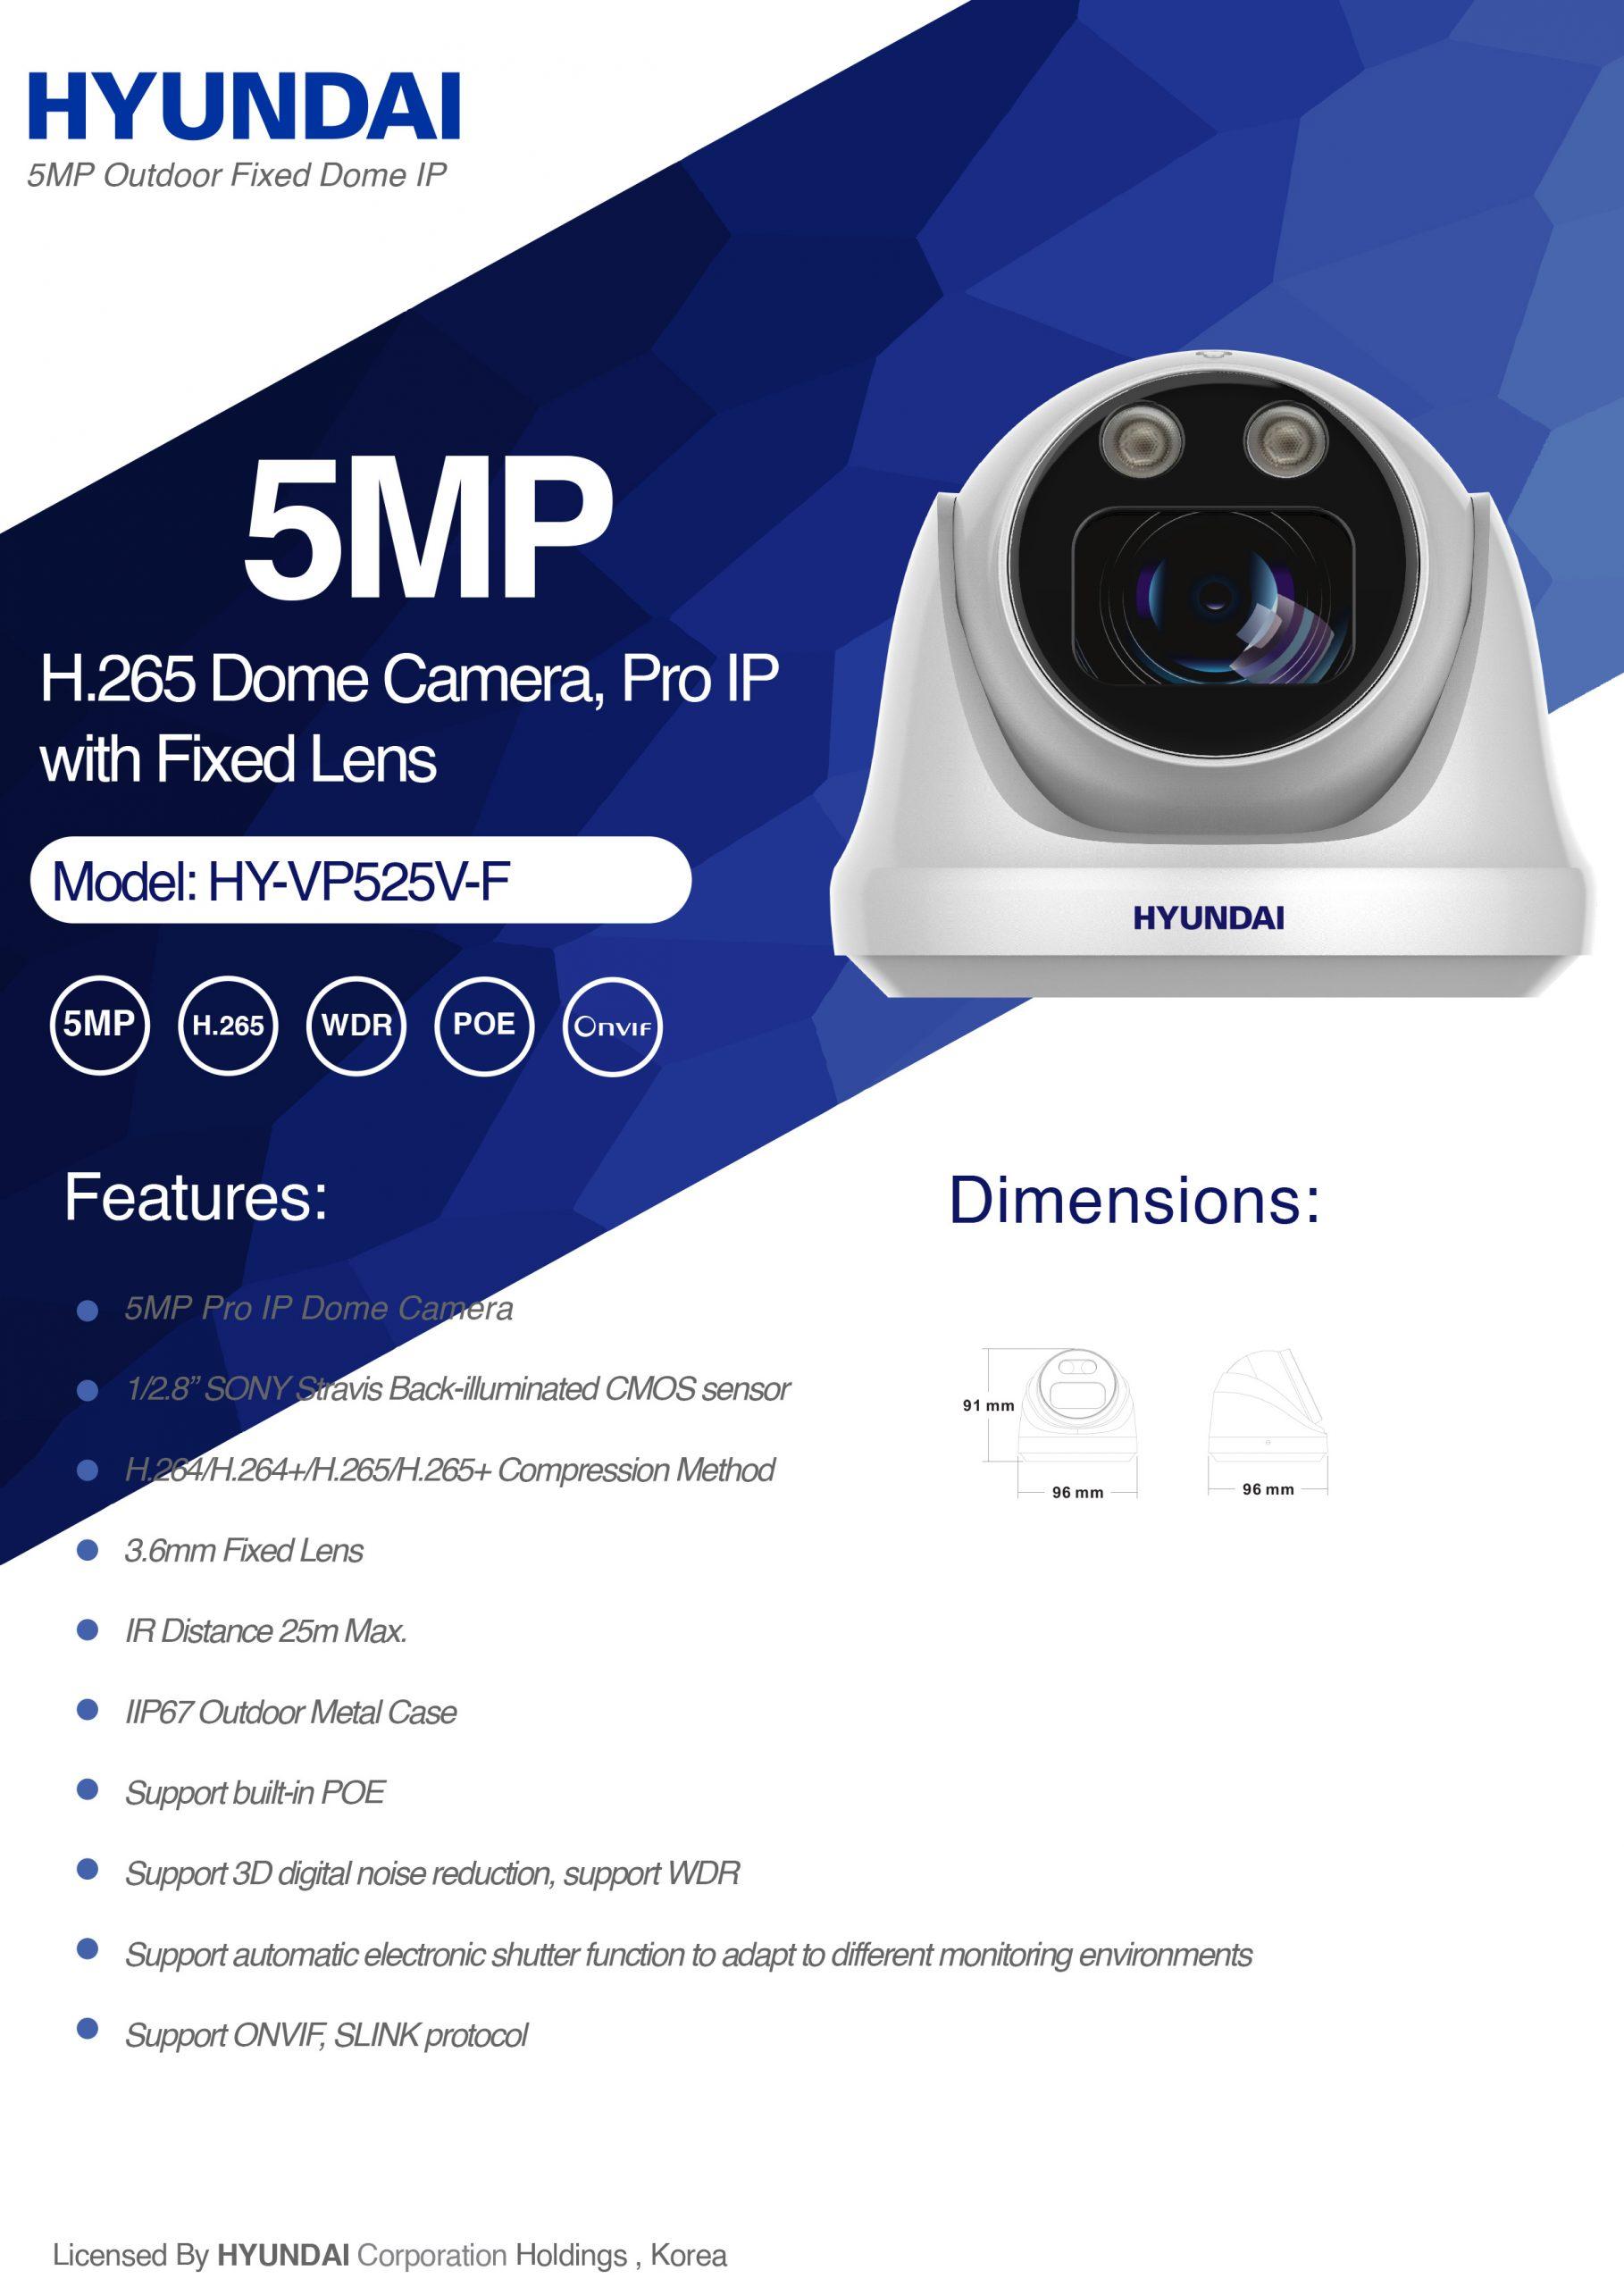 HY-VP525V-F